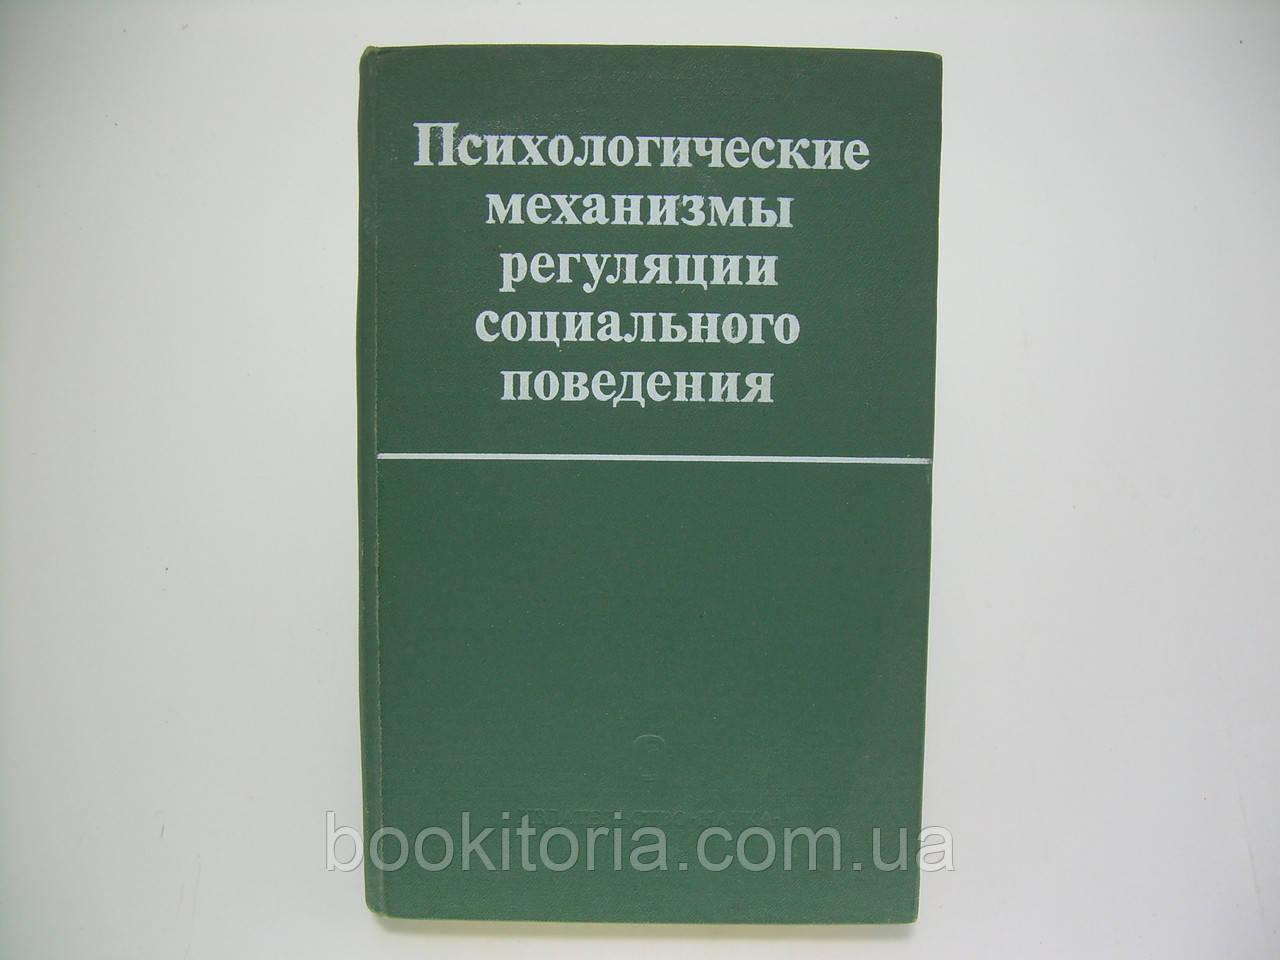 Психологические механизмы регуляции социального поведения (б/у).